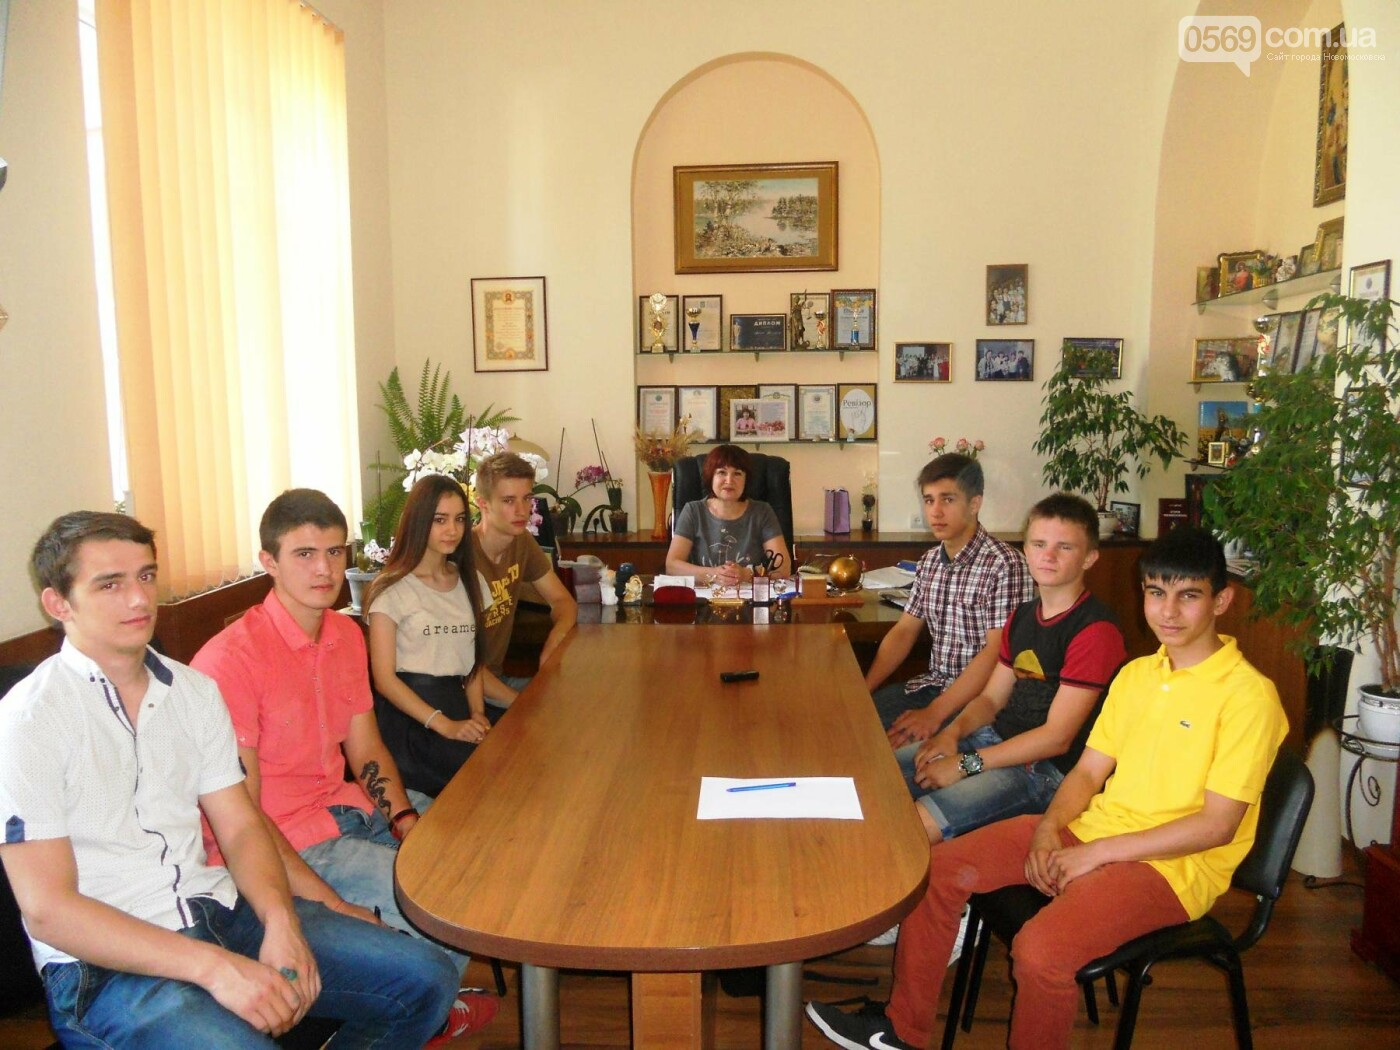 Несчастный случай в Новомосковске: жизнь подростку спас студент кооперативного колледжа, фото-1